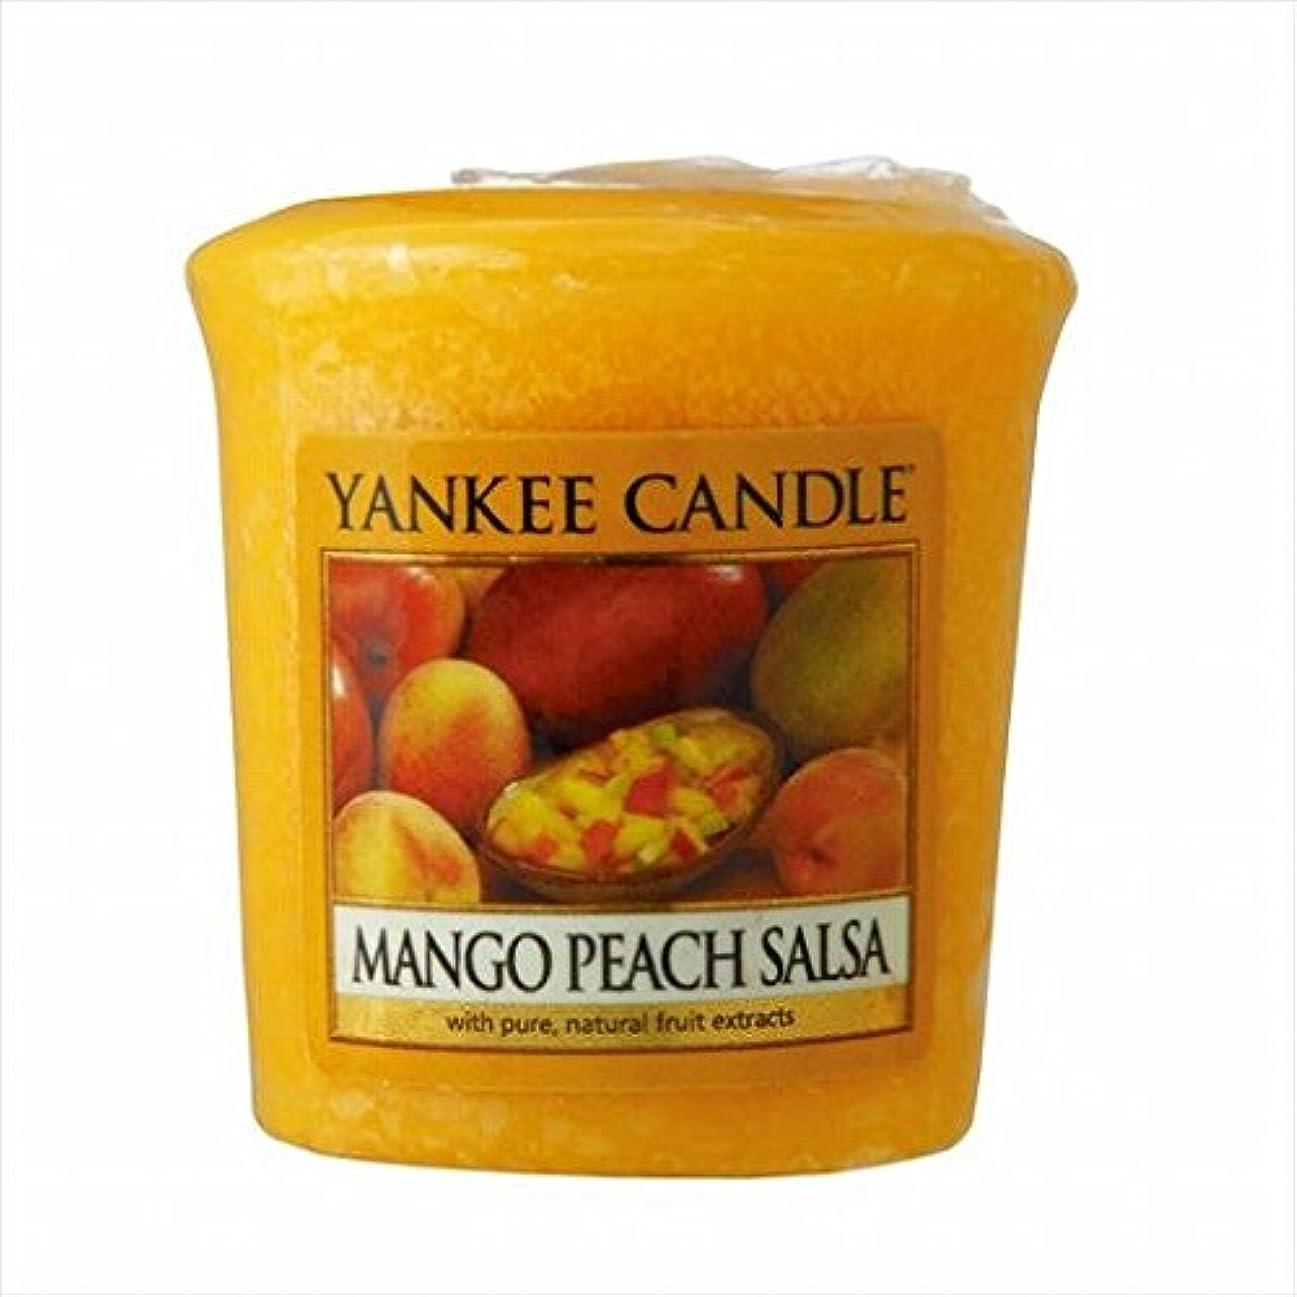 読み書きのできない論理的に生物学カメヤマキャンドル(kameyama candle) YANKEE CANDLE サンプラー 「 マンゴーピーチサルサ 」